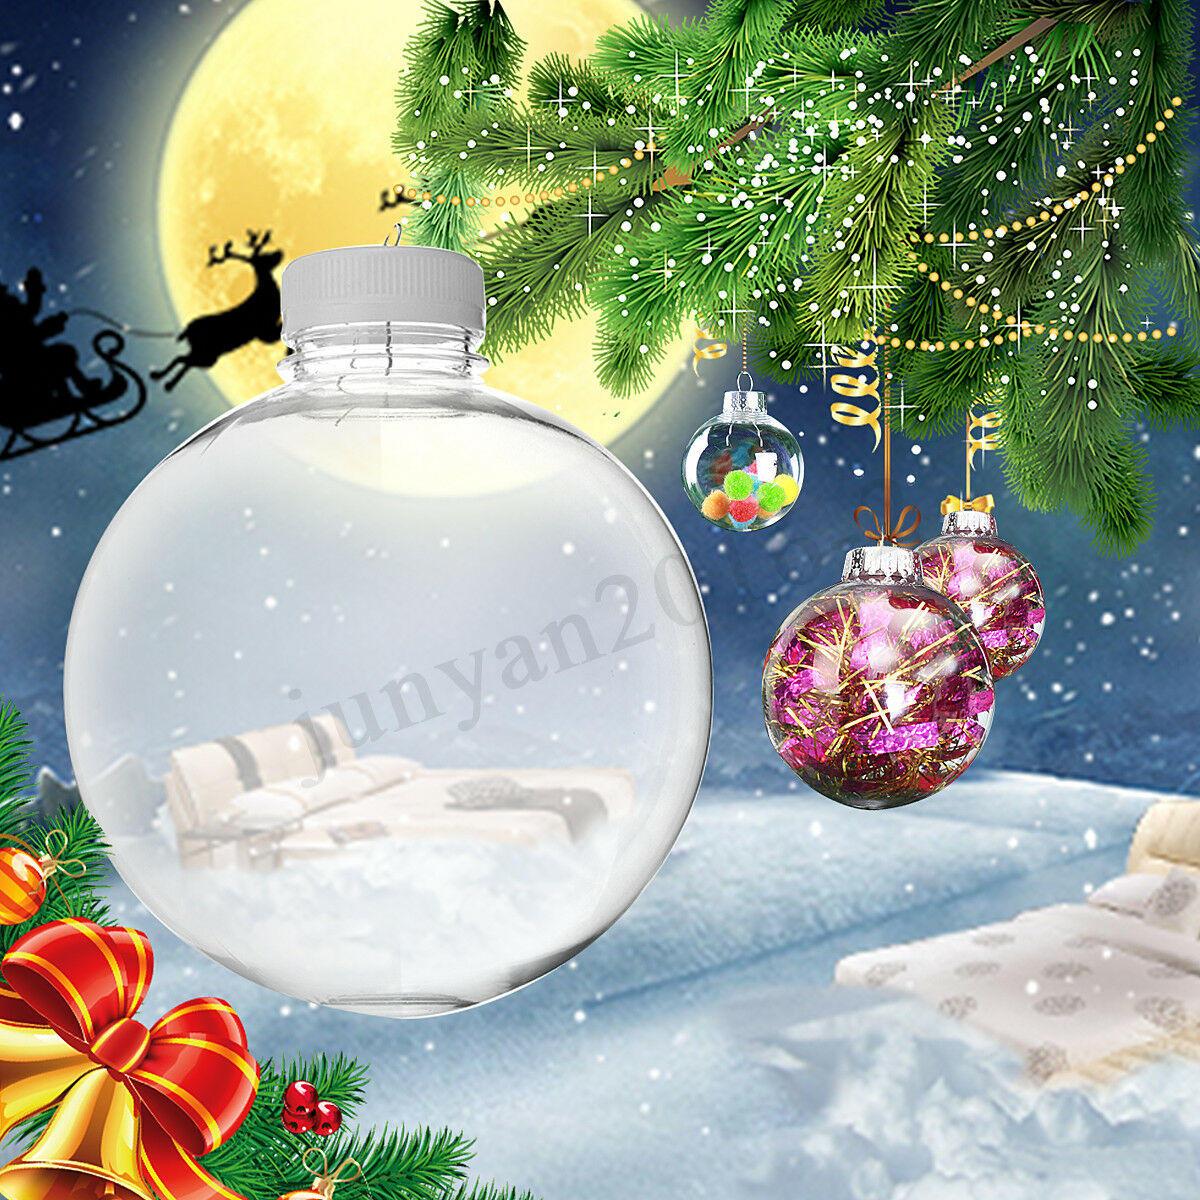 Super klar kunststoffkugeln diy weihnachtsbäume hängen kugel dekoration spielzeug - 4